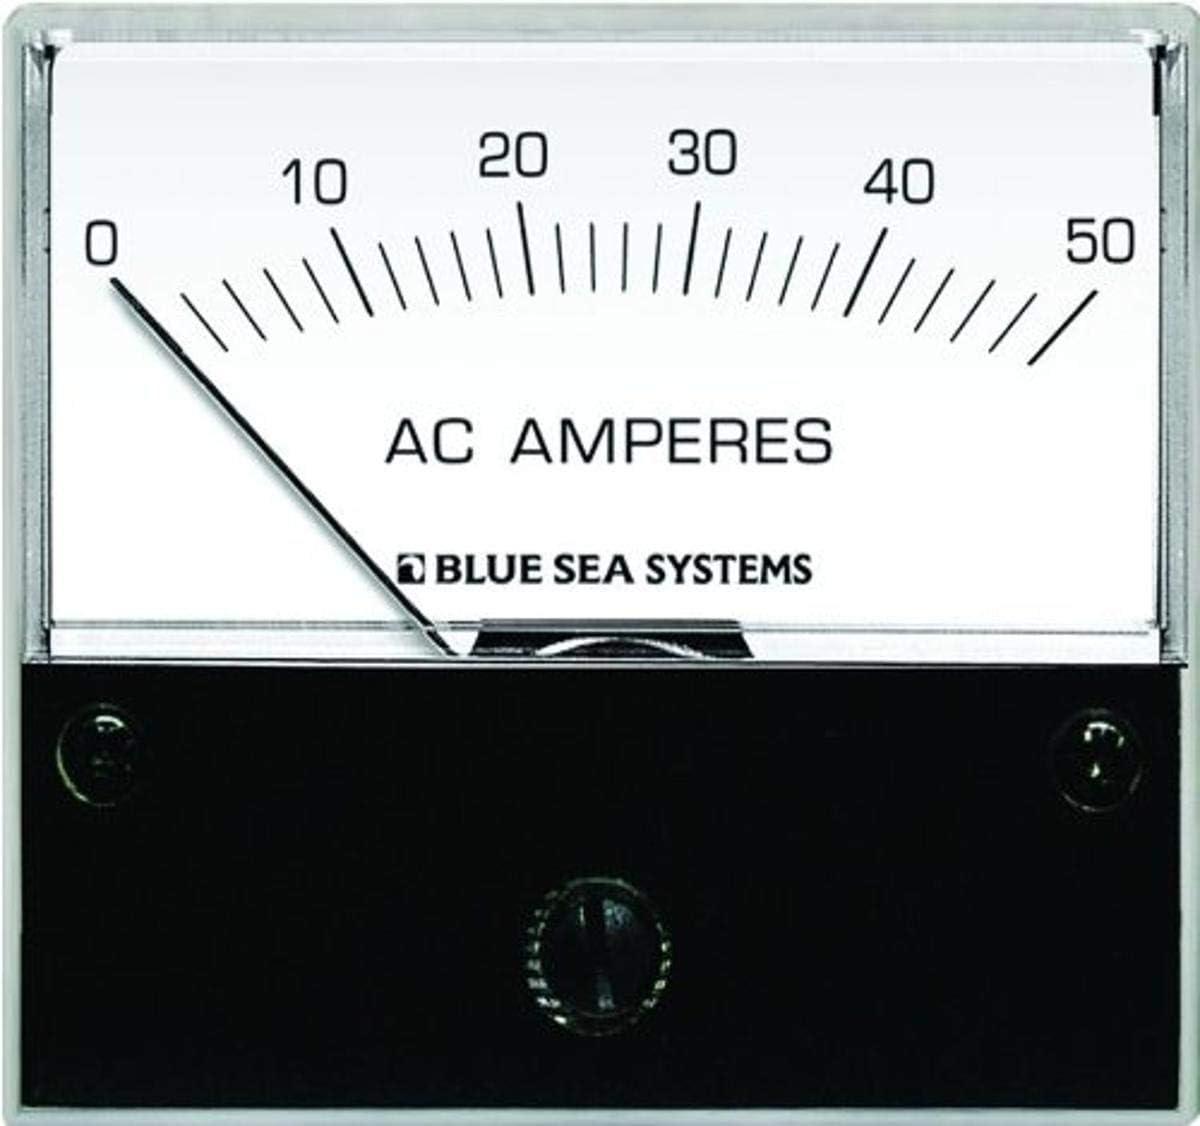 a72de8d5ca11525966663d5ed59bc9ce Aexit DC 0-30mA Amperemeter Klasse 2.5 Analogstrom-Messger/ät